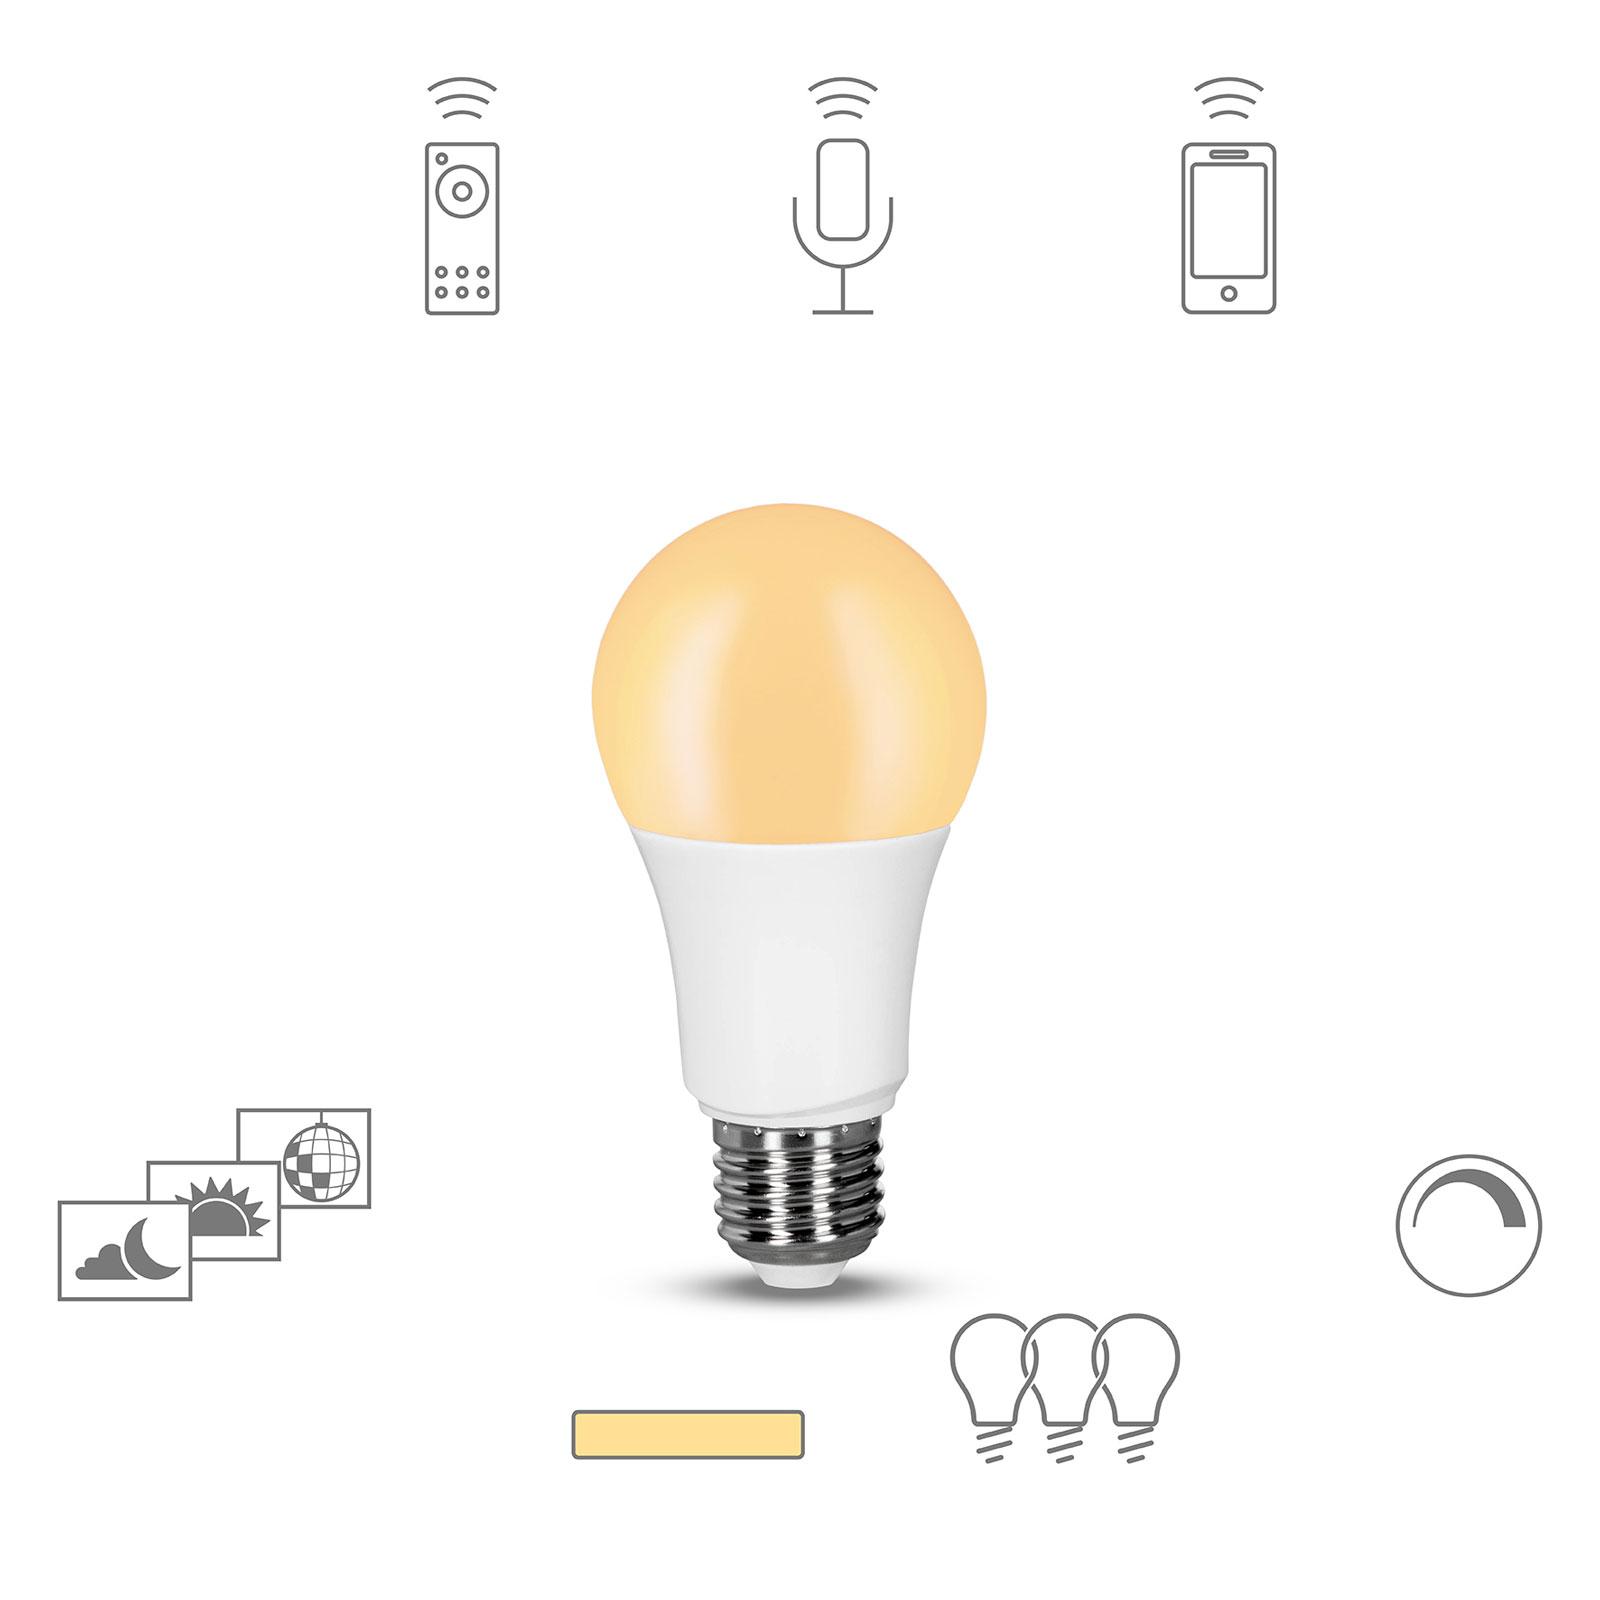 Müller licht tint dimming LED lamp E27, 9W 2.700K